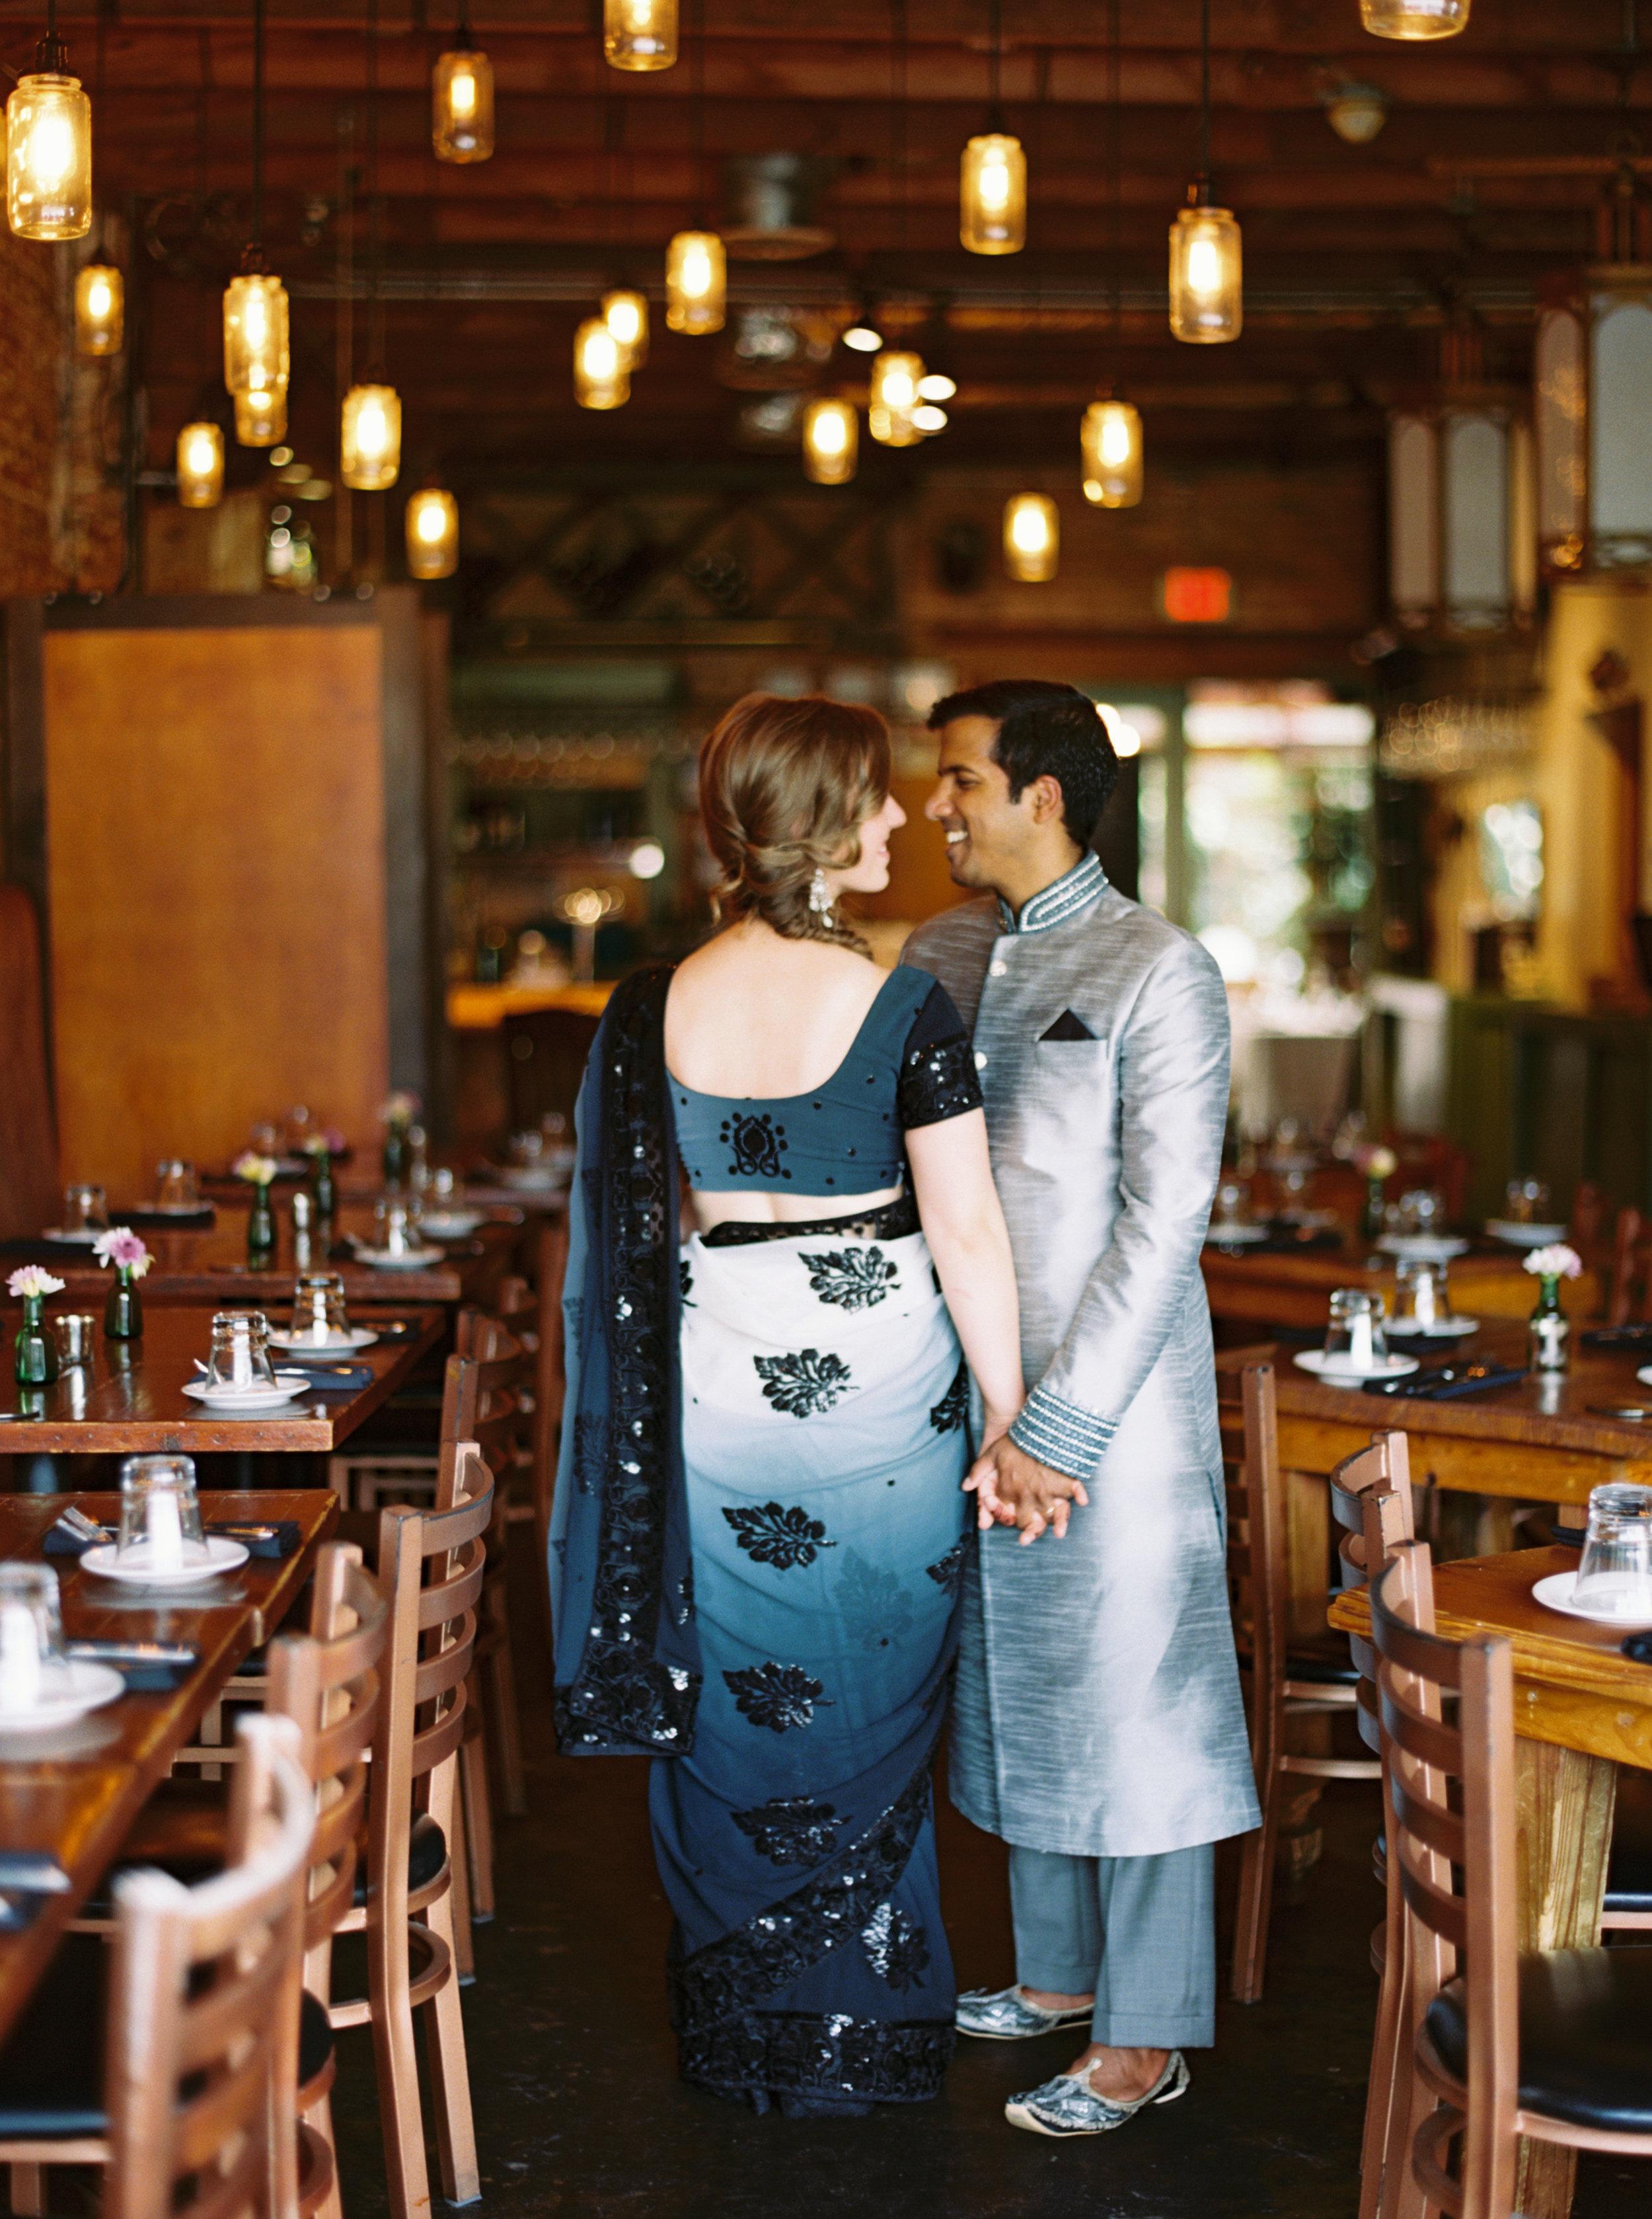 Wahoo_Grill_Atlanta_Indian_Wedding_Abigail_Malone_Photgoraphy_FIlm-129.jpg